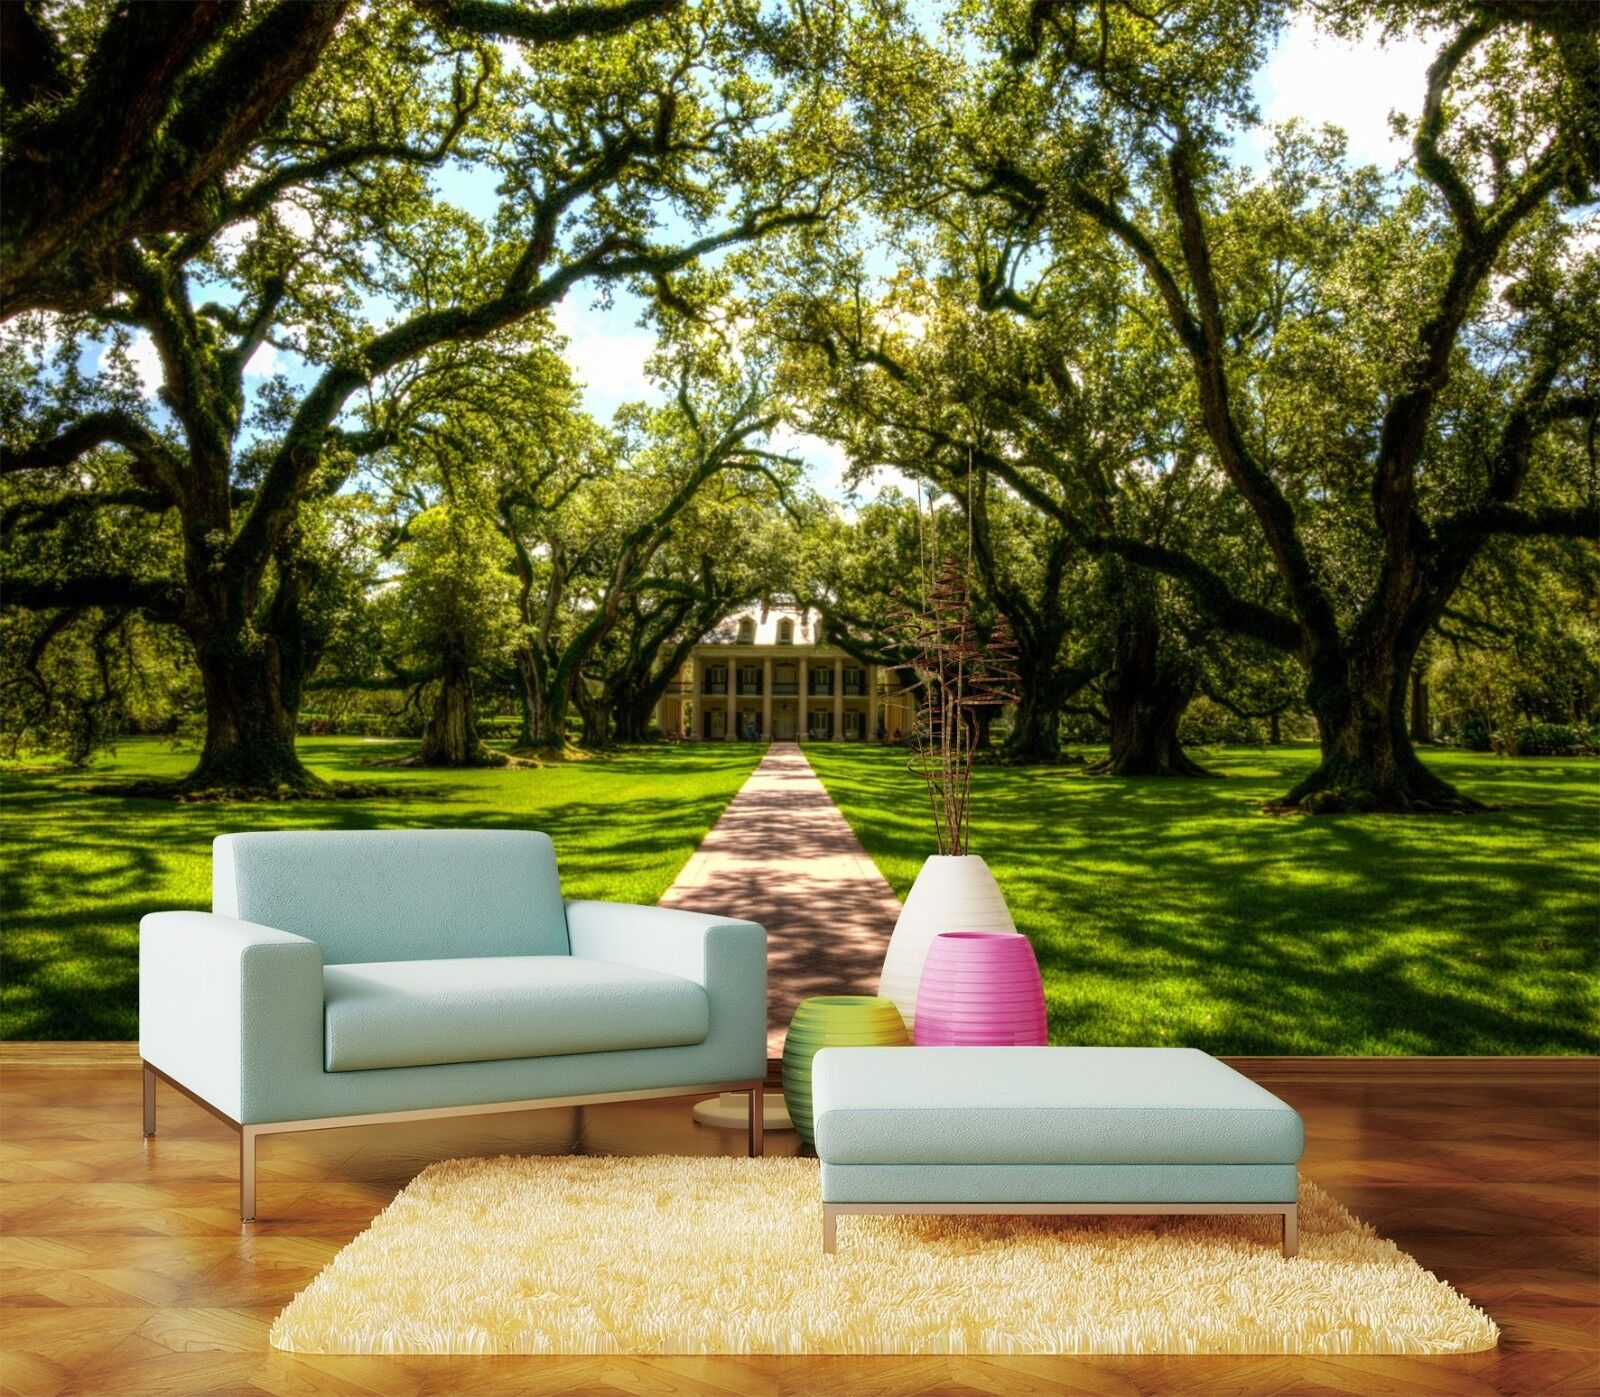 3D Wald Rasen Natürlich 933 Tapete Wandgemälde Tapeten Bild Familie DE Lemon | Clever und praktisch  | Toy Story  | Qualität und Verbraucher an erster Stelle